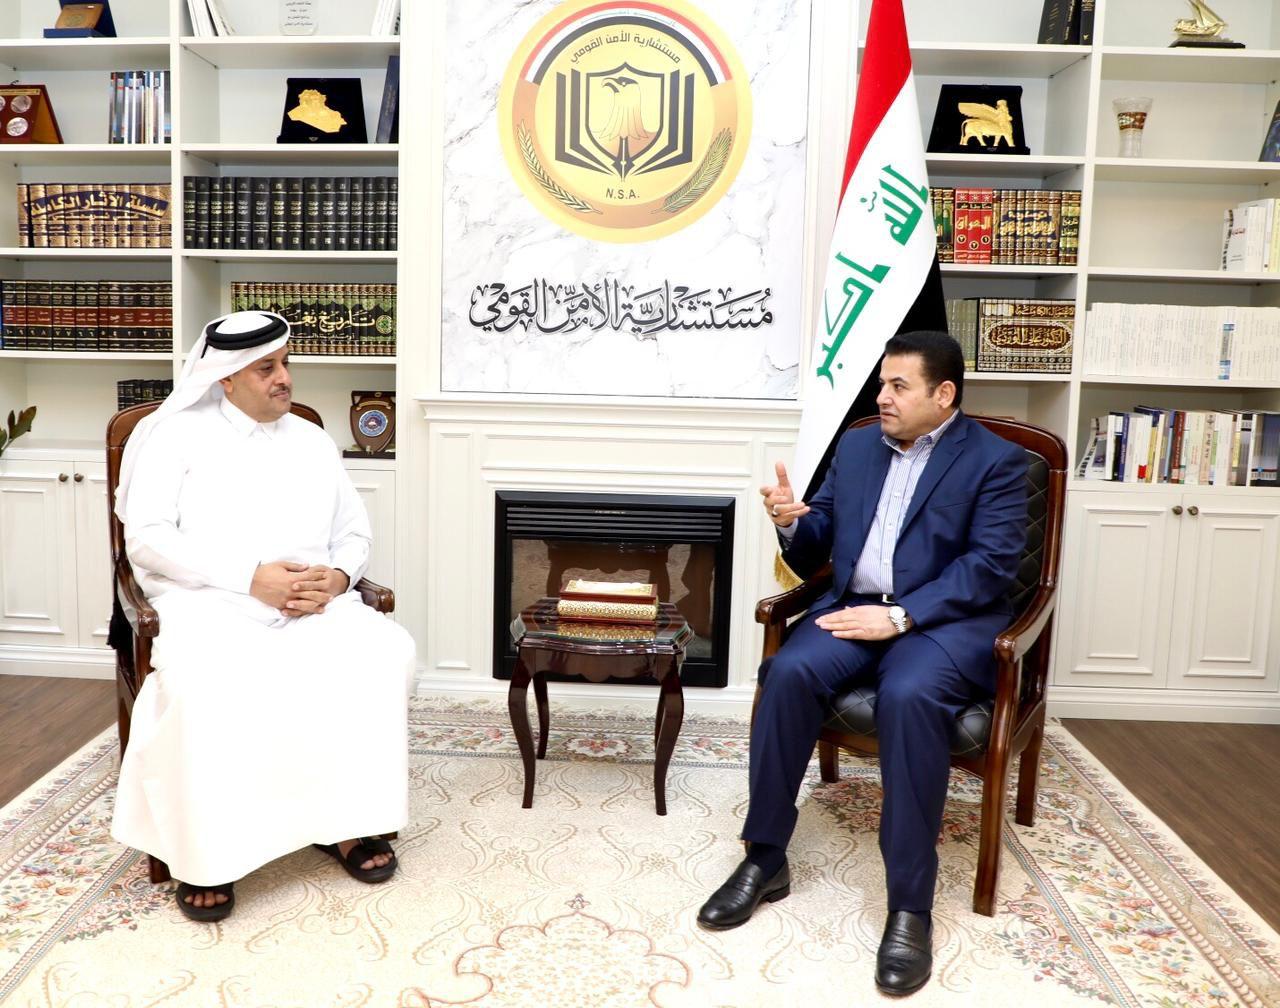 مستشار الأمن القومي السيد قاسم الأعرجي يستقبل سفير دولة قطر في بغداد